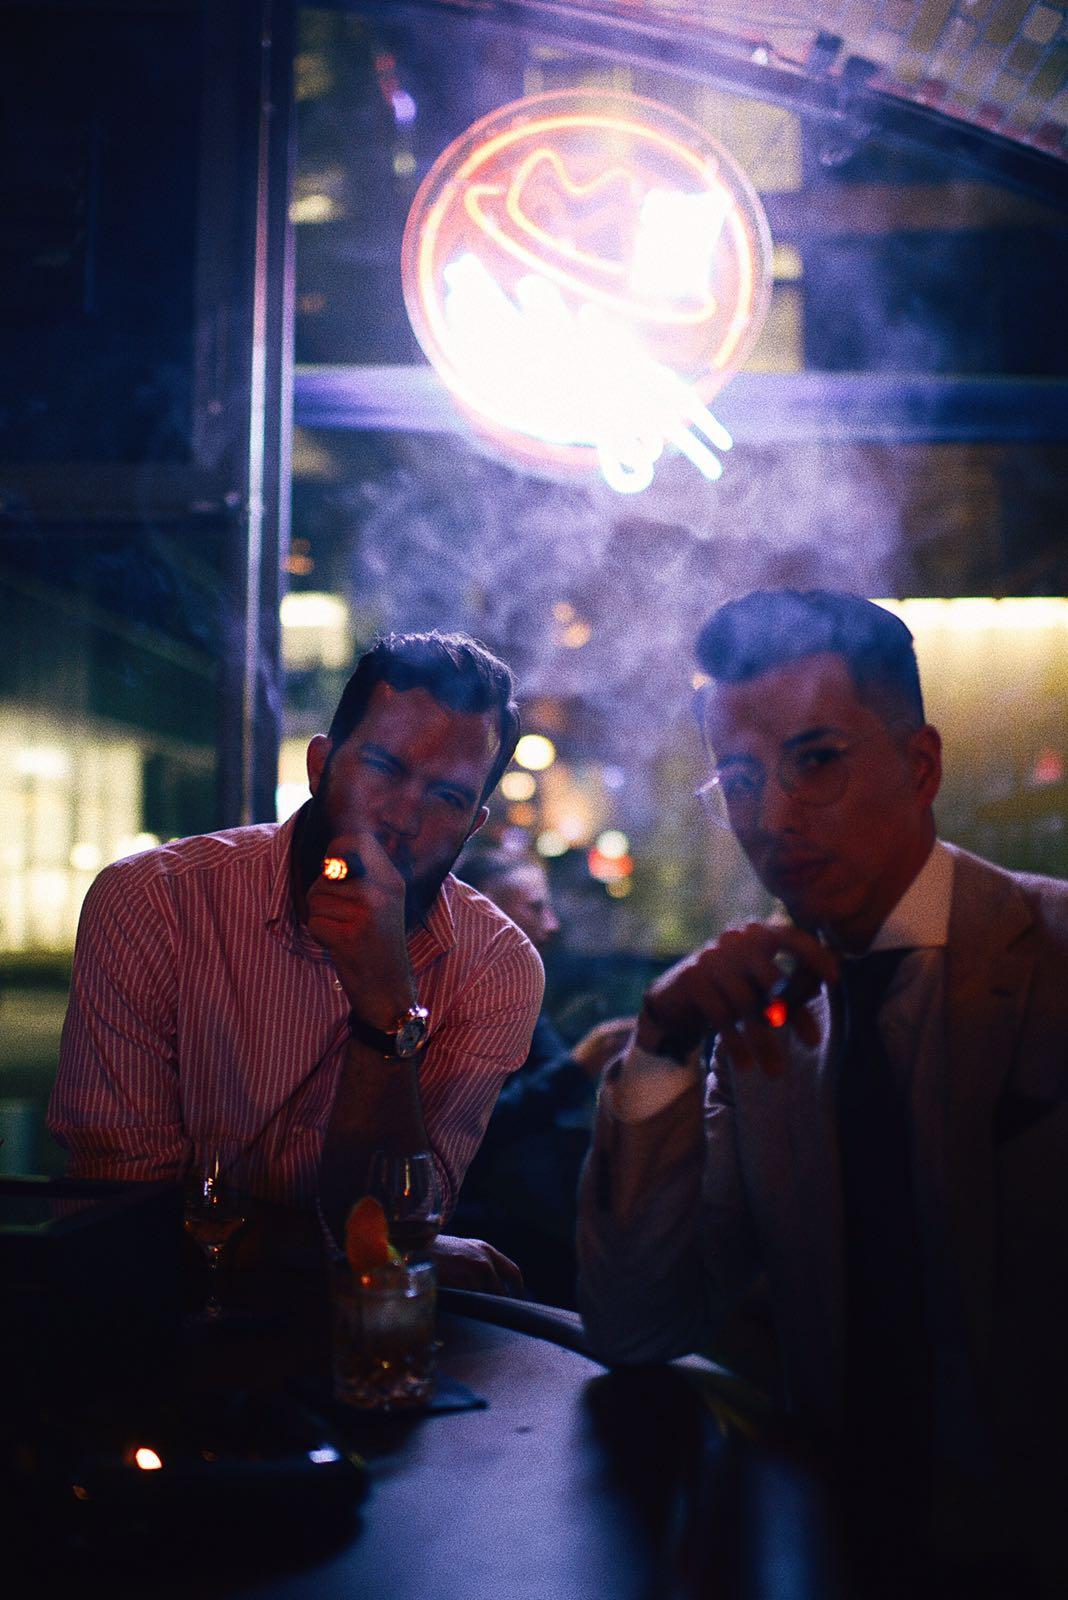 gentlemen cigar